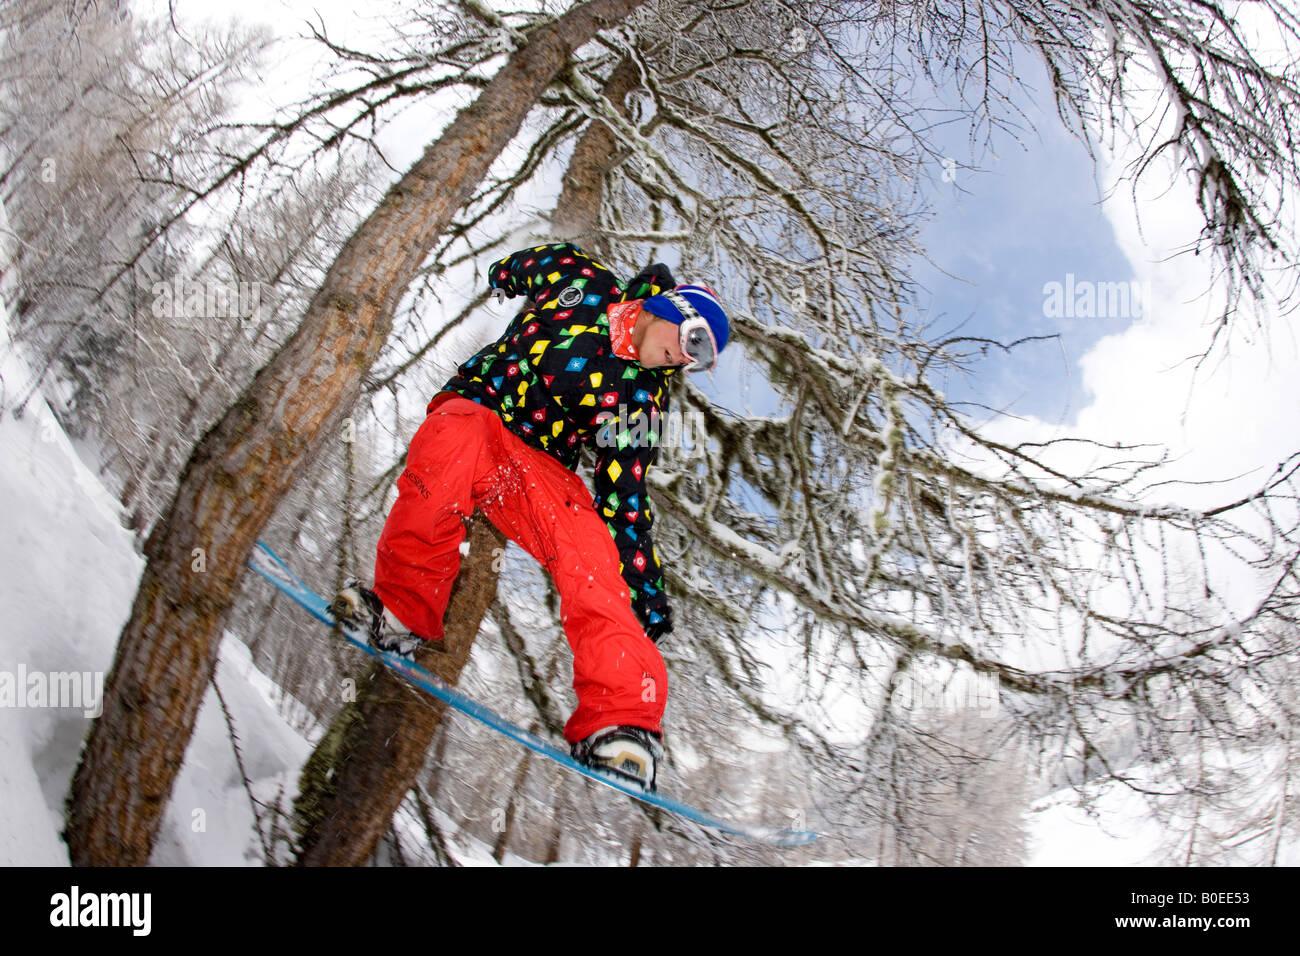 Snowboarder salti attraverso due alberi i fuori pista. Immagini Stock